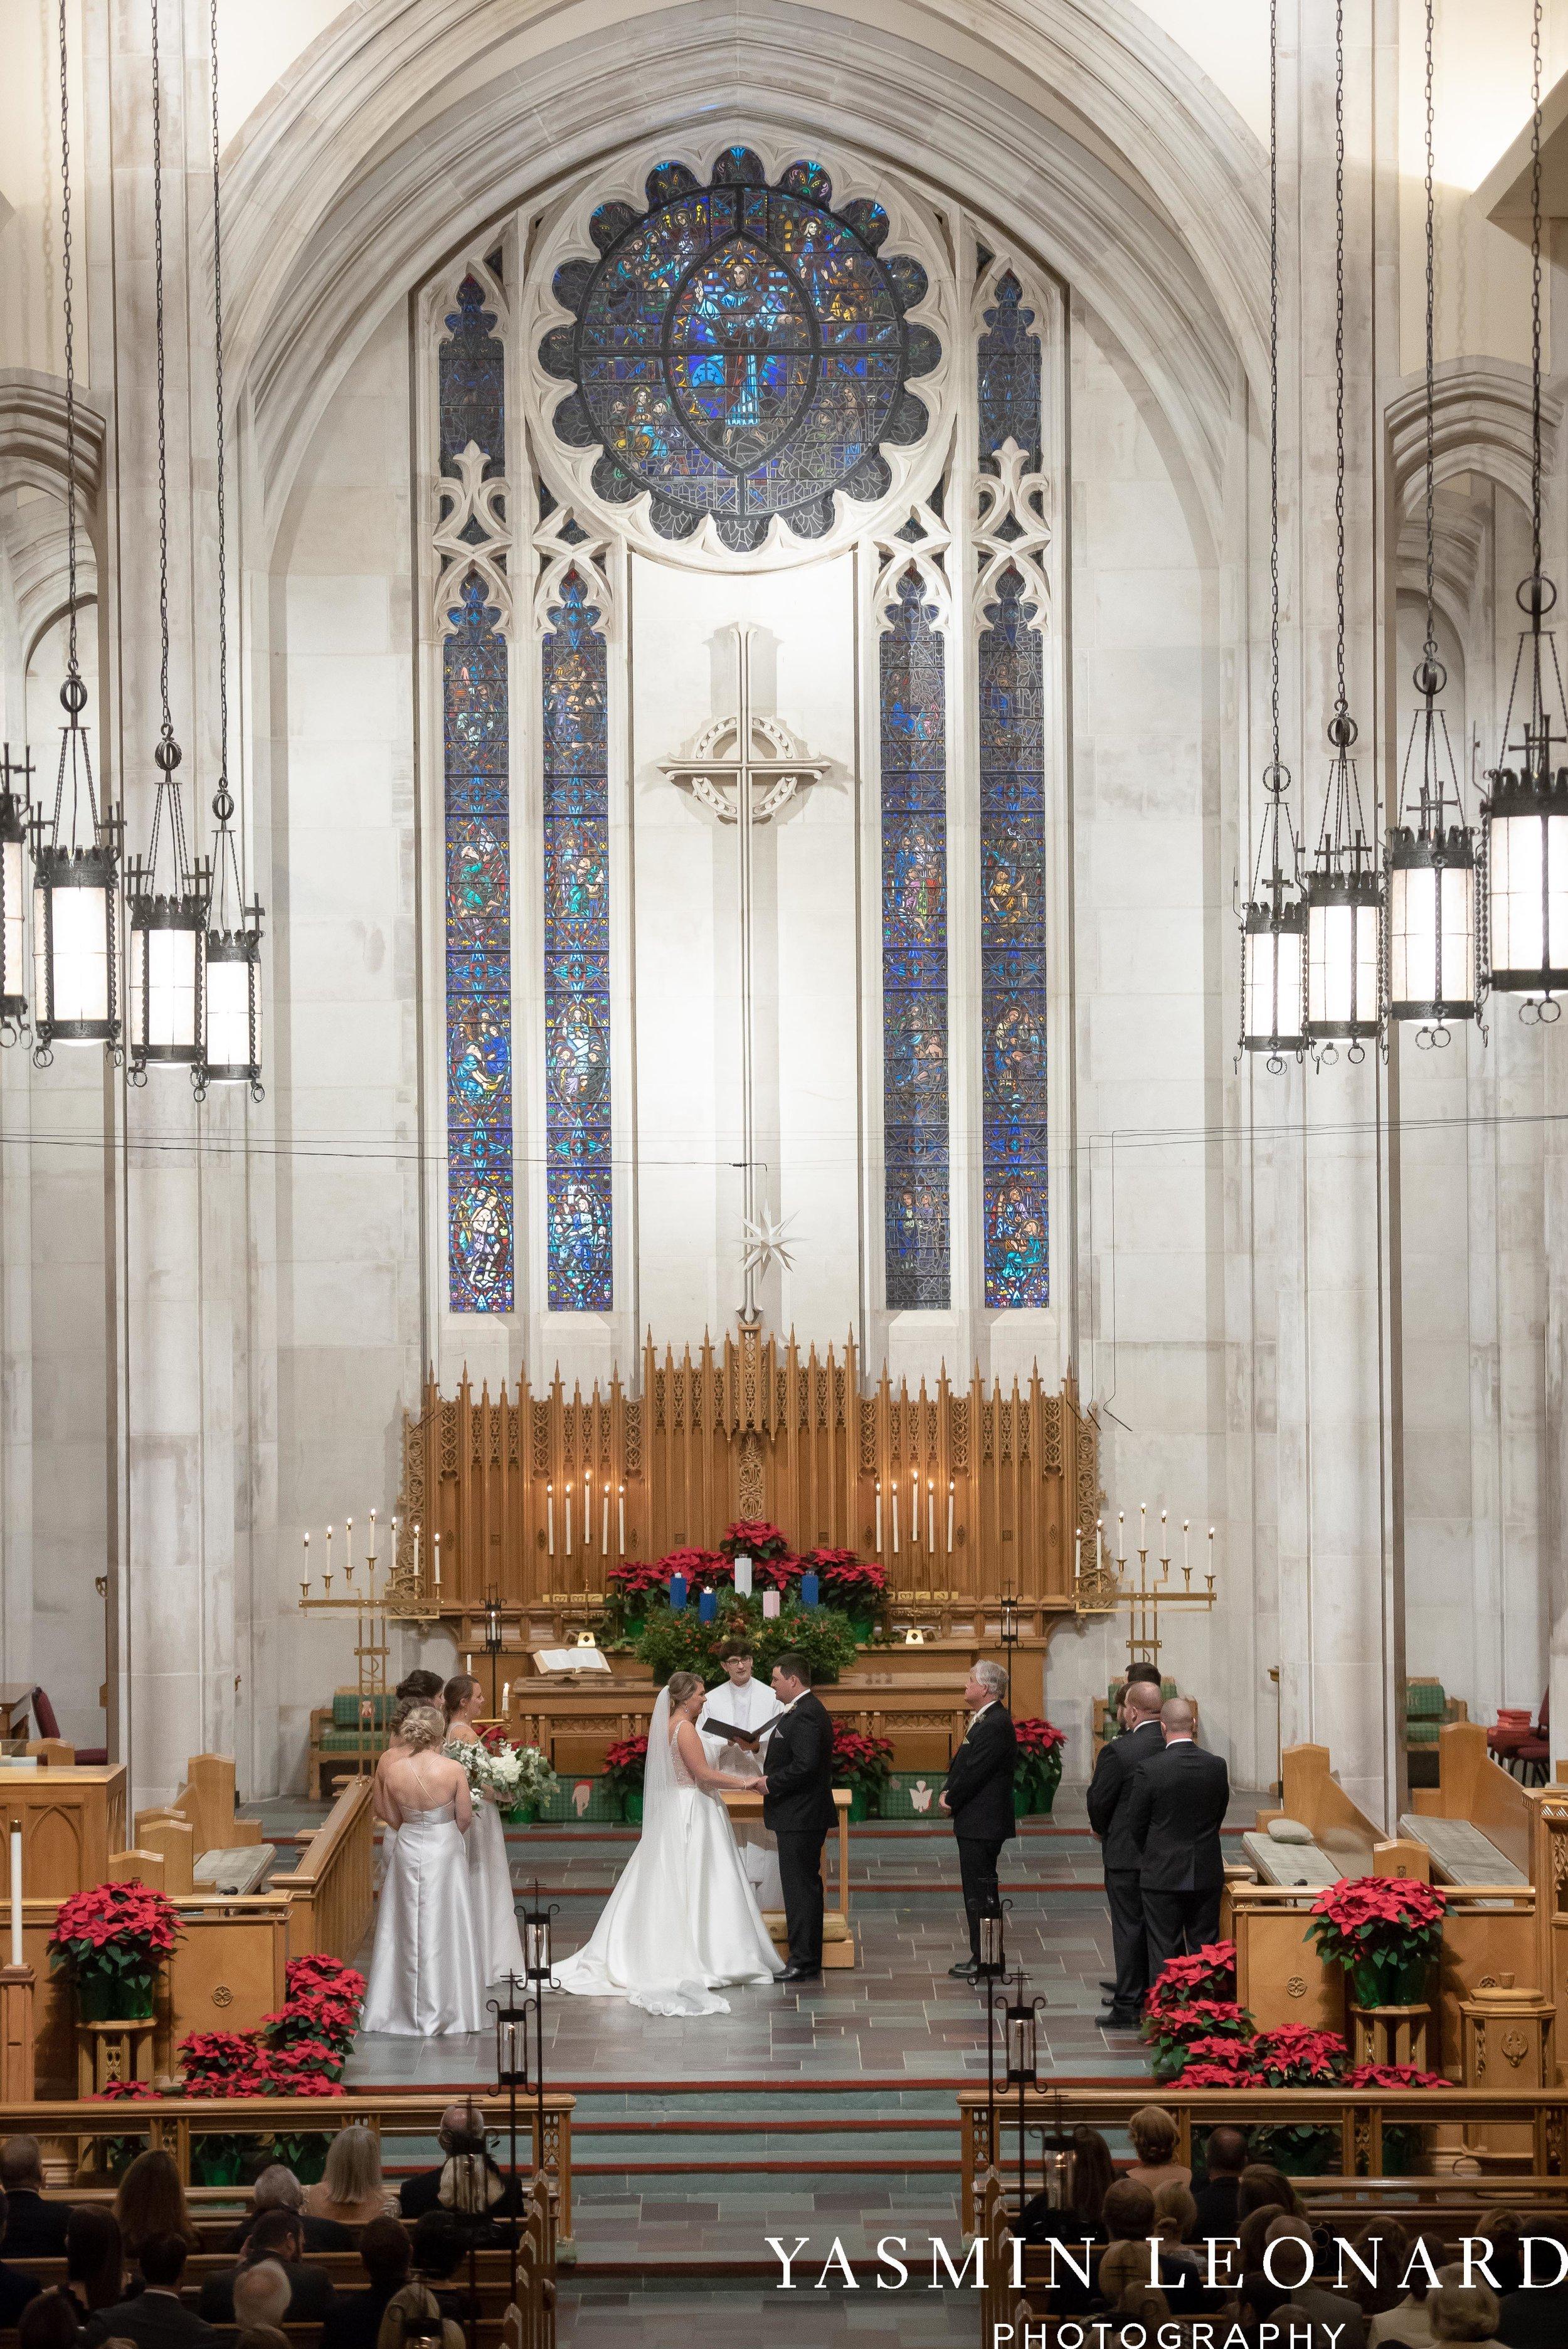 Adaumont Farm - Wesley Memorial Weddings - High Point Weddings - Just Priceless - NC Wedding Photographer - Yasmin Leonard Photography - High Point Wedding Vendors-35.jpg